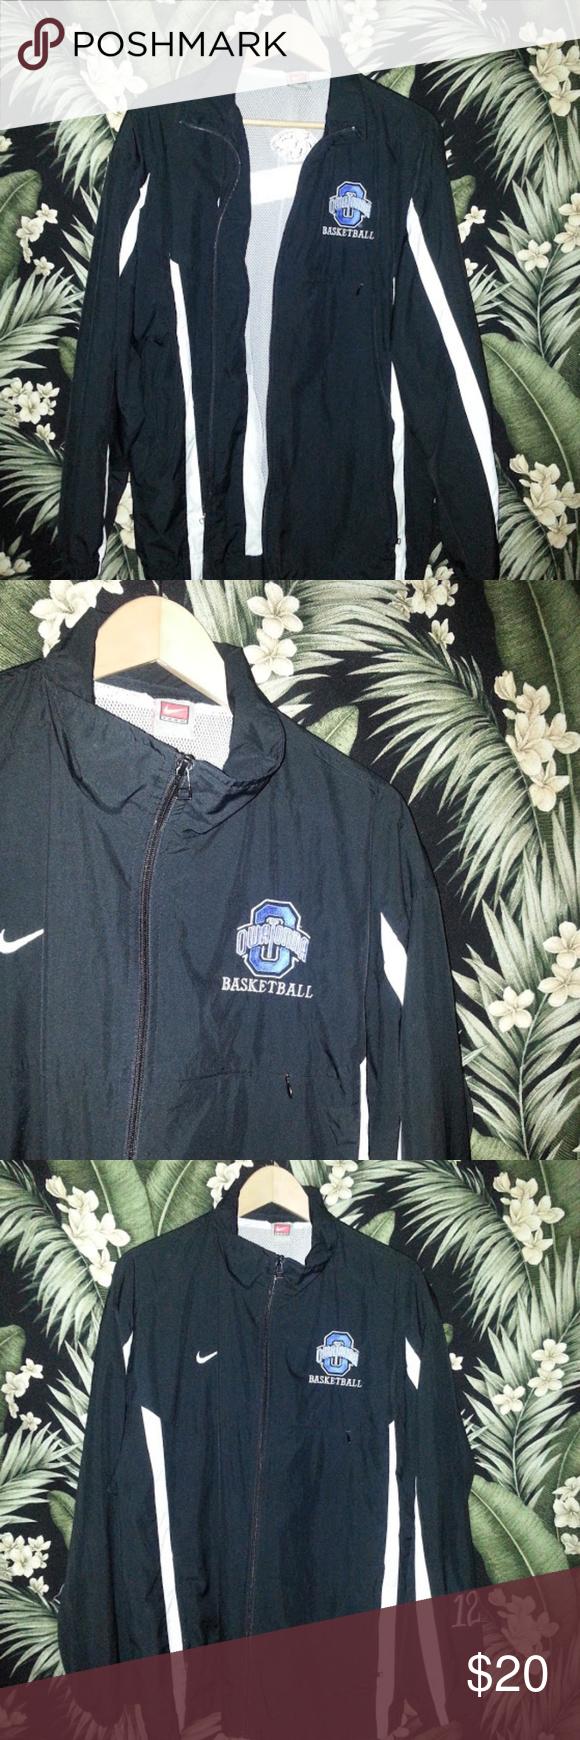 Men's Nike Retro Basketball Track Jacket Large